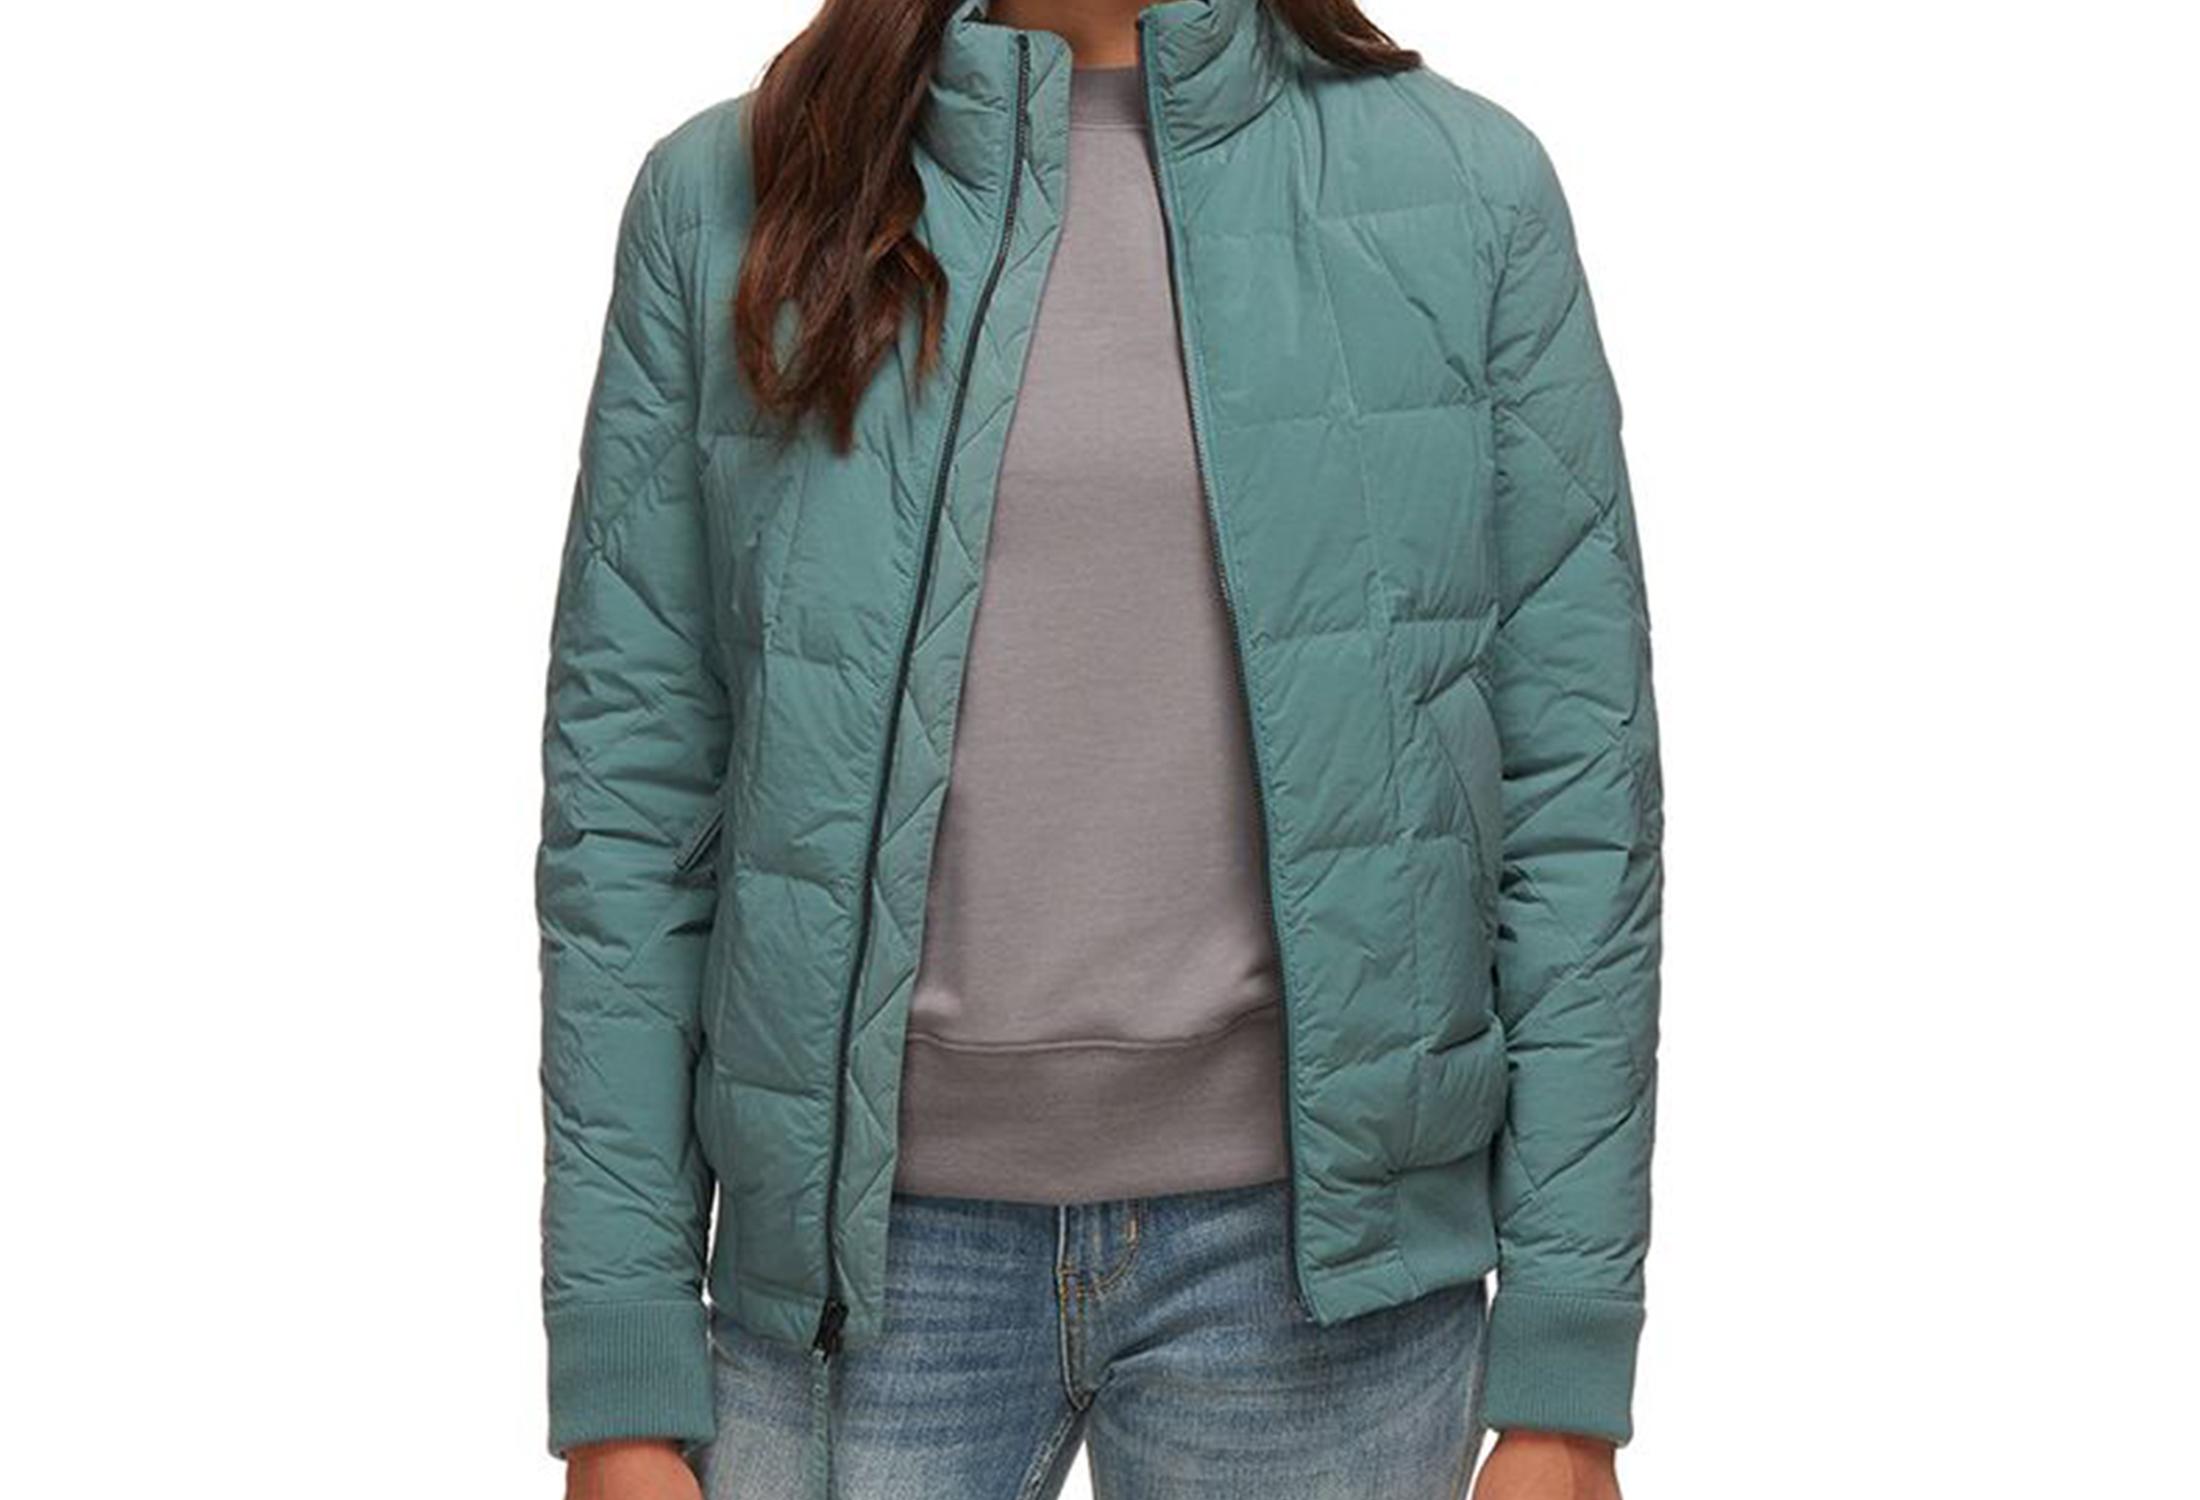 basin and range bomber jacket women's